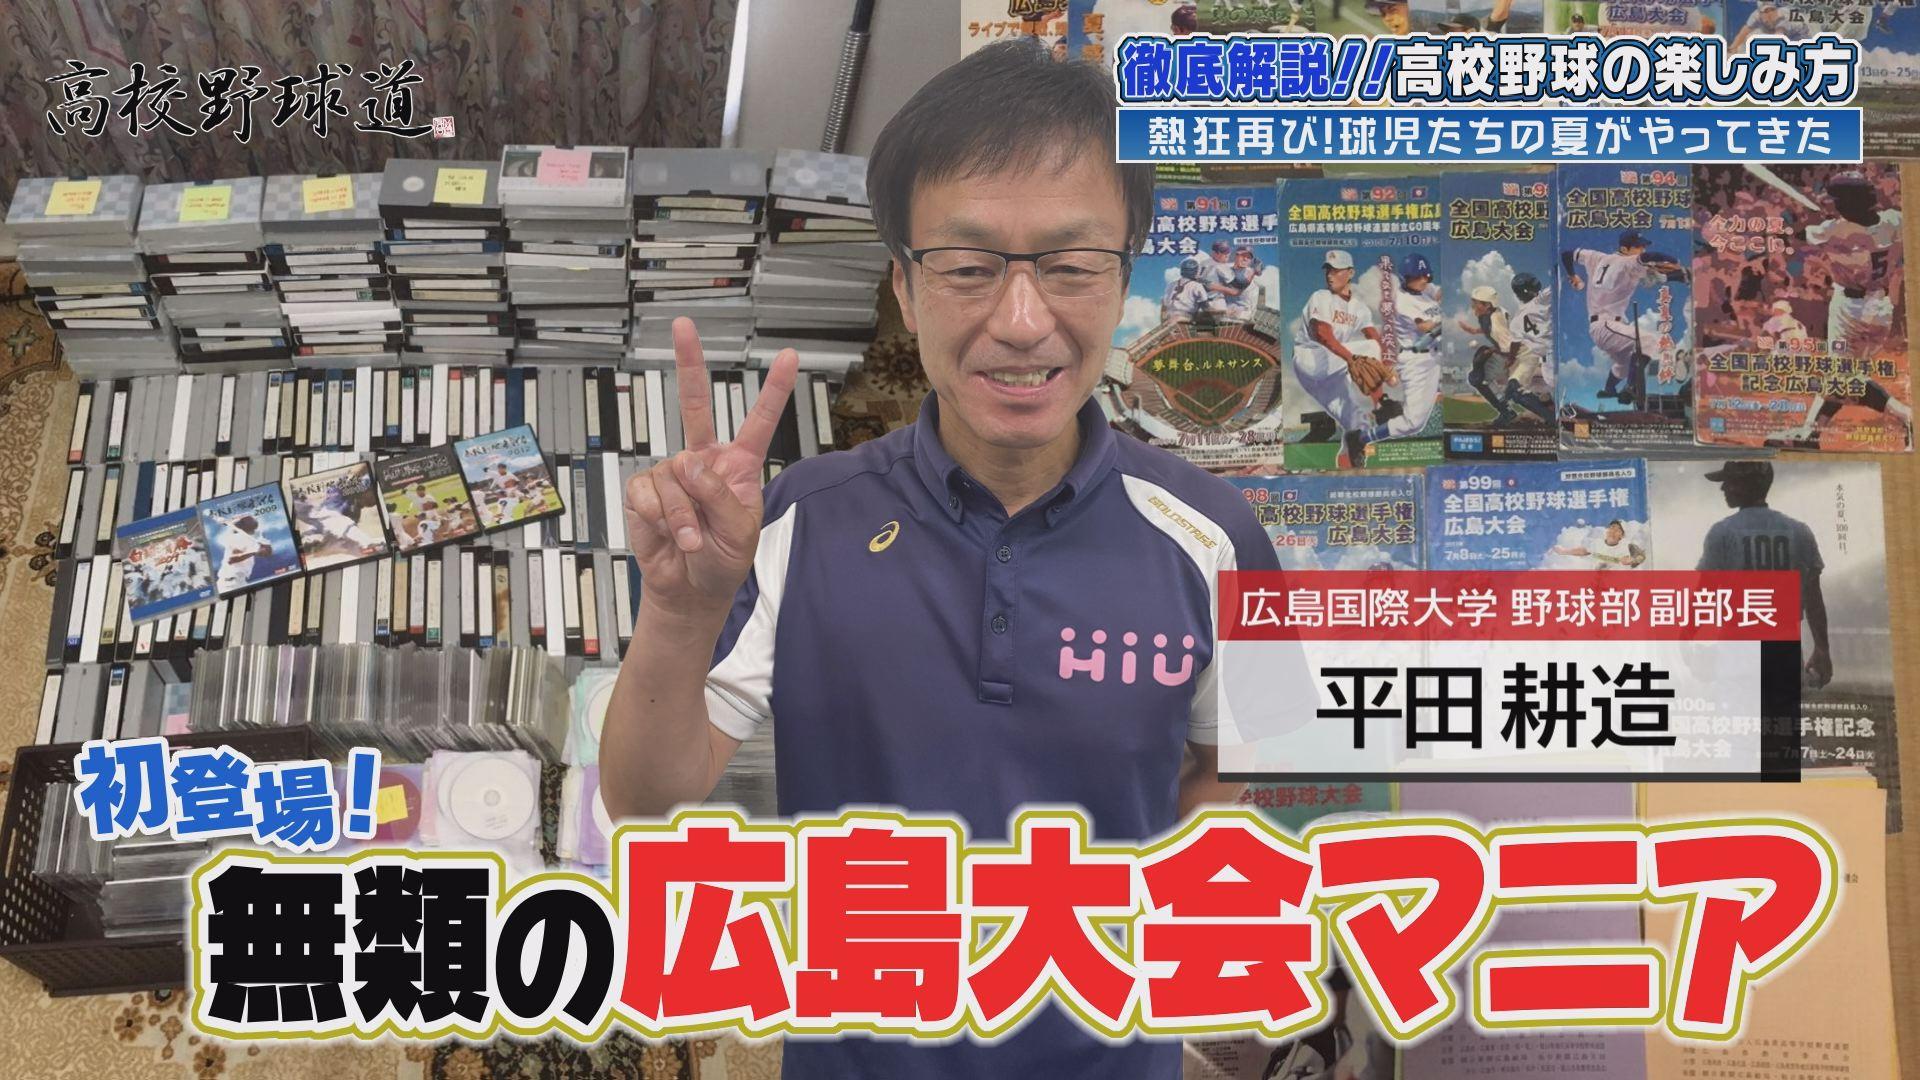 広島国際大学・野球部副部長の平田耕造さん